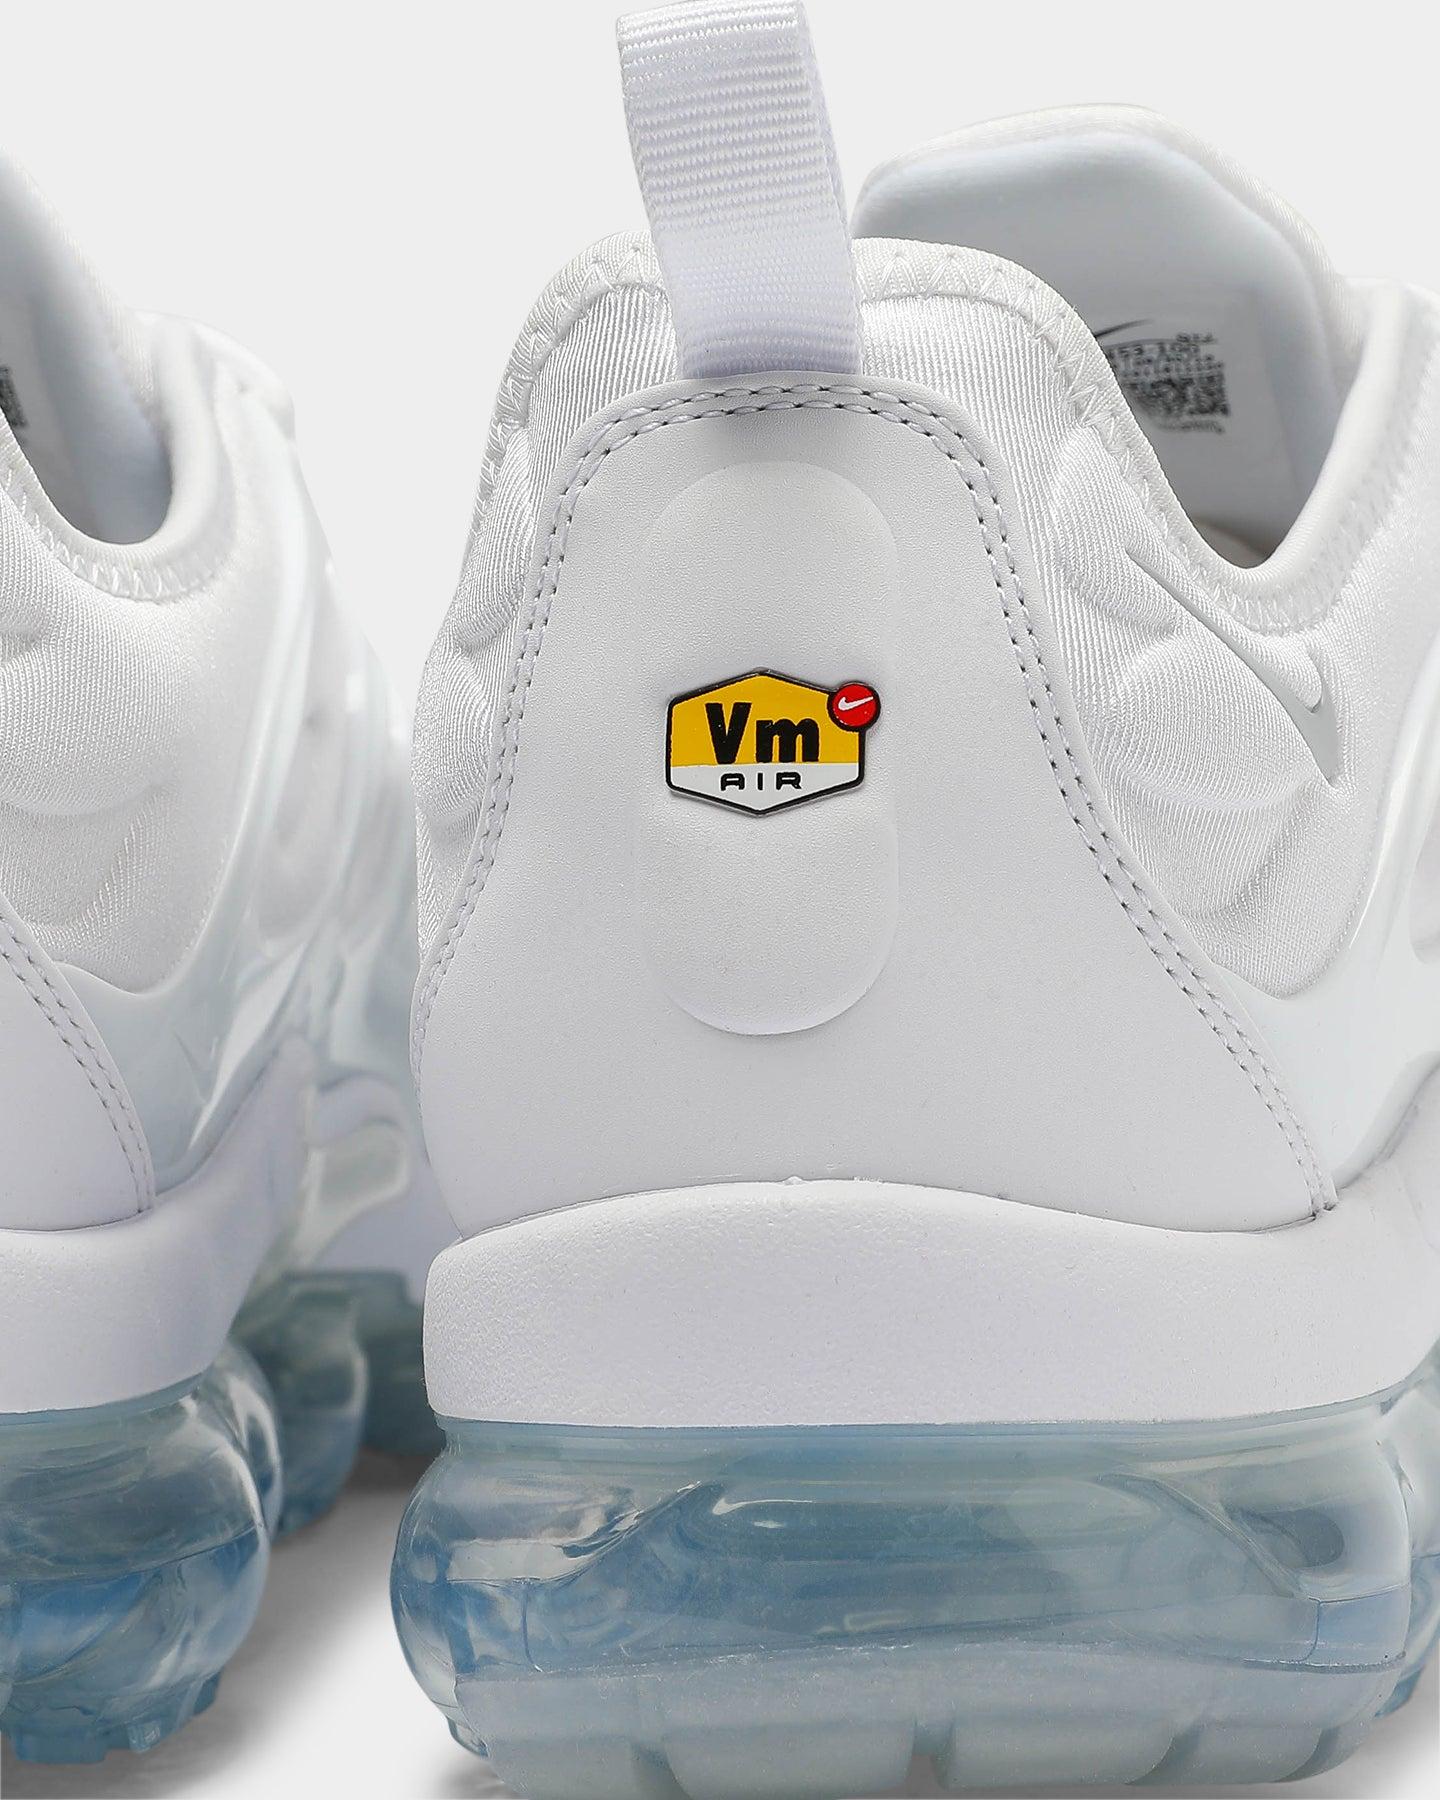 Nike Air Vapormax Plus White/White